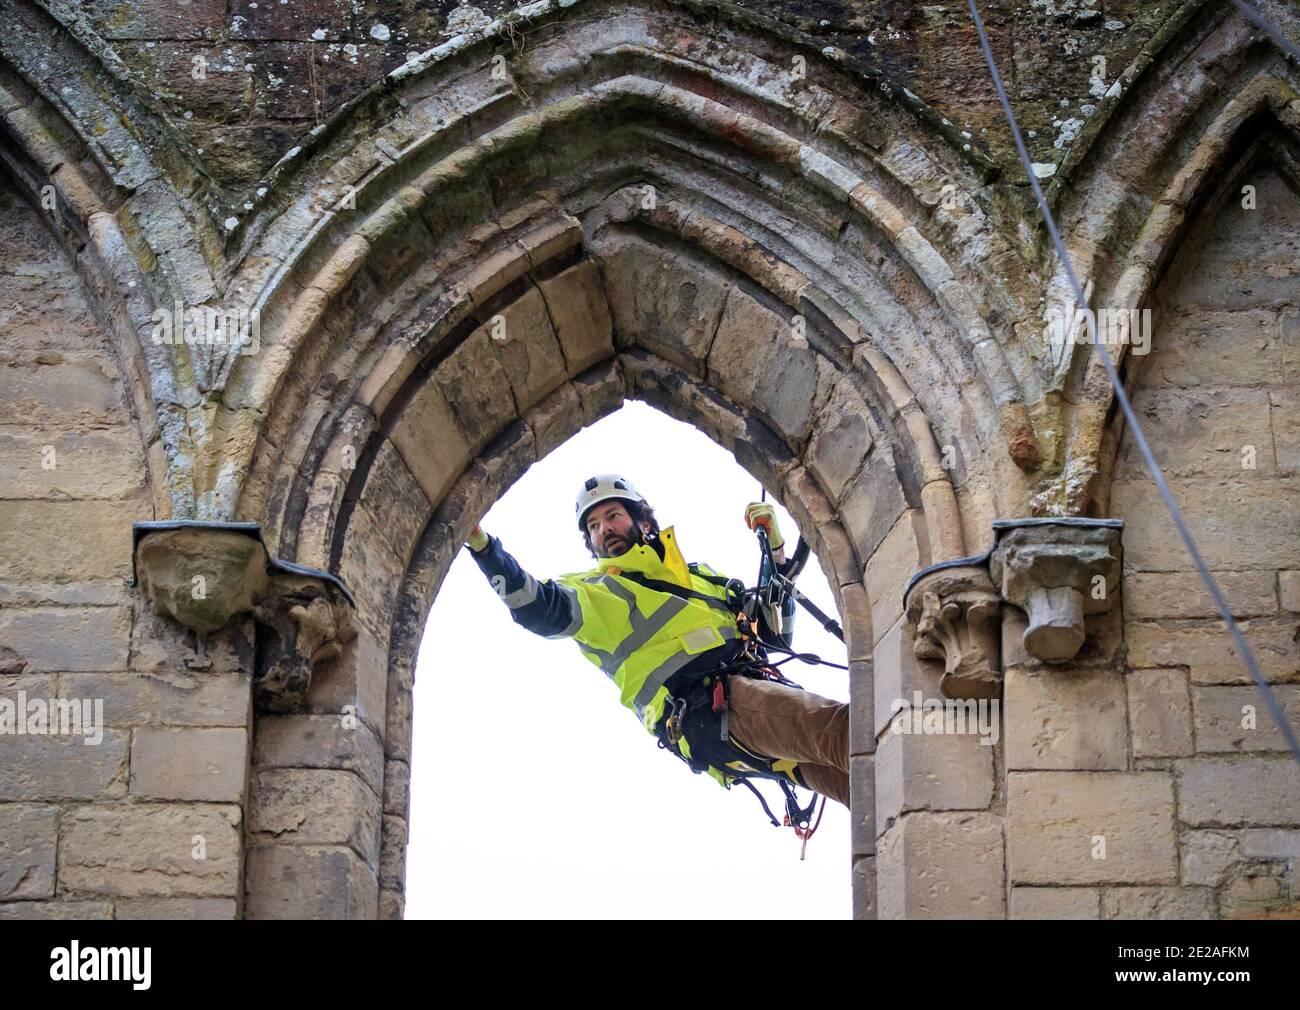 Der Steinmetz James Preston von SSH Conservation, abseils von Rievaulx Abbey in North Yorkshire als English Heritage bereitet sich auf die Durchführung von lebenswichtigen Naturschutzarbeiten vor. English Heritage beauftragt eine Untersuchung der Abtei Rievaulx in einem fünfjährigen Zyklus, um den Zustand der Abtei vom Boden bis zur Spitze der Struktur zu beurteilen. Stockfoto